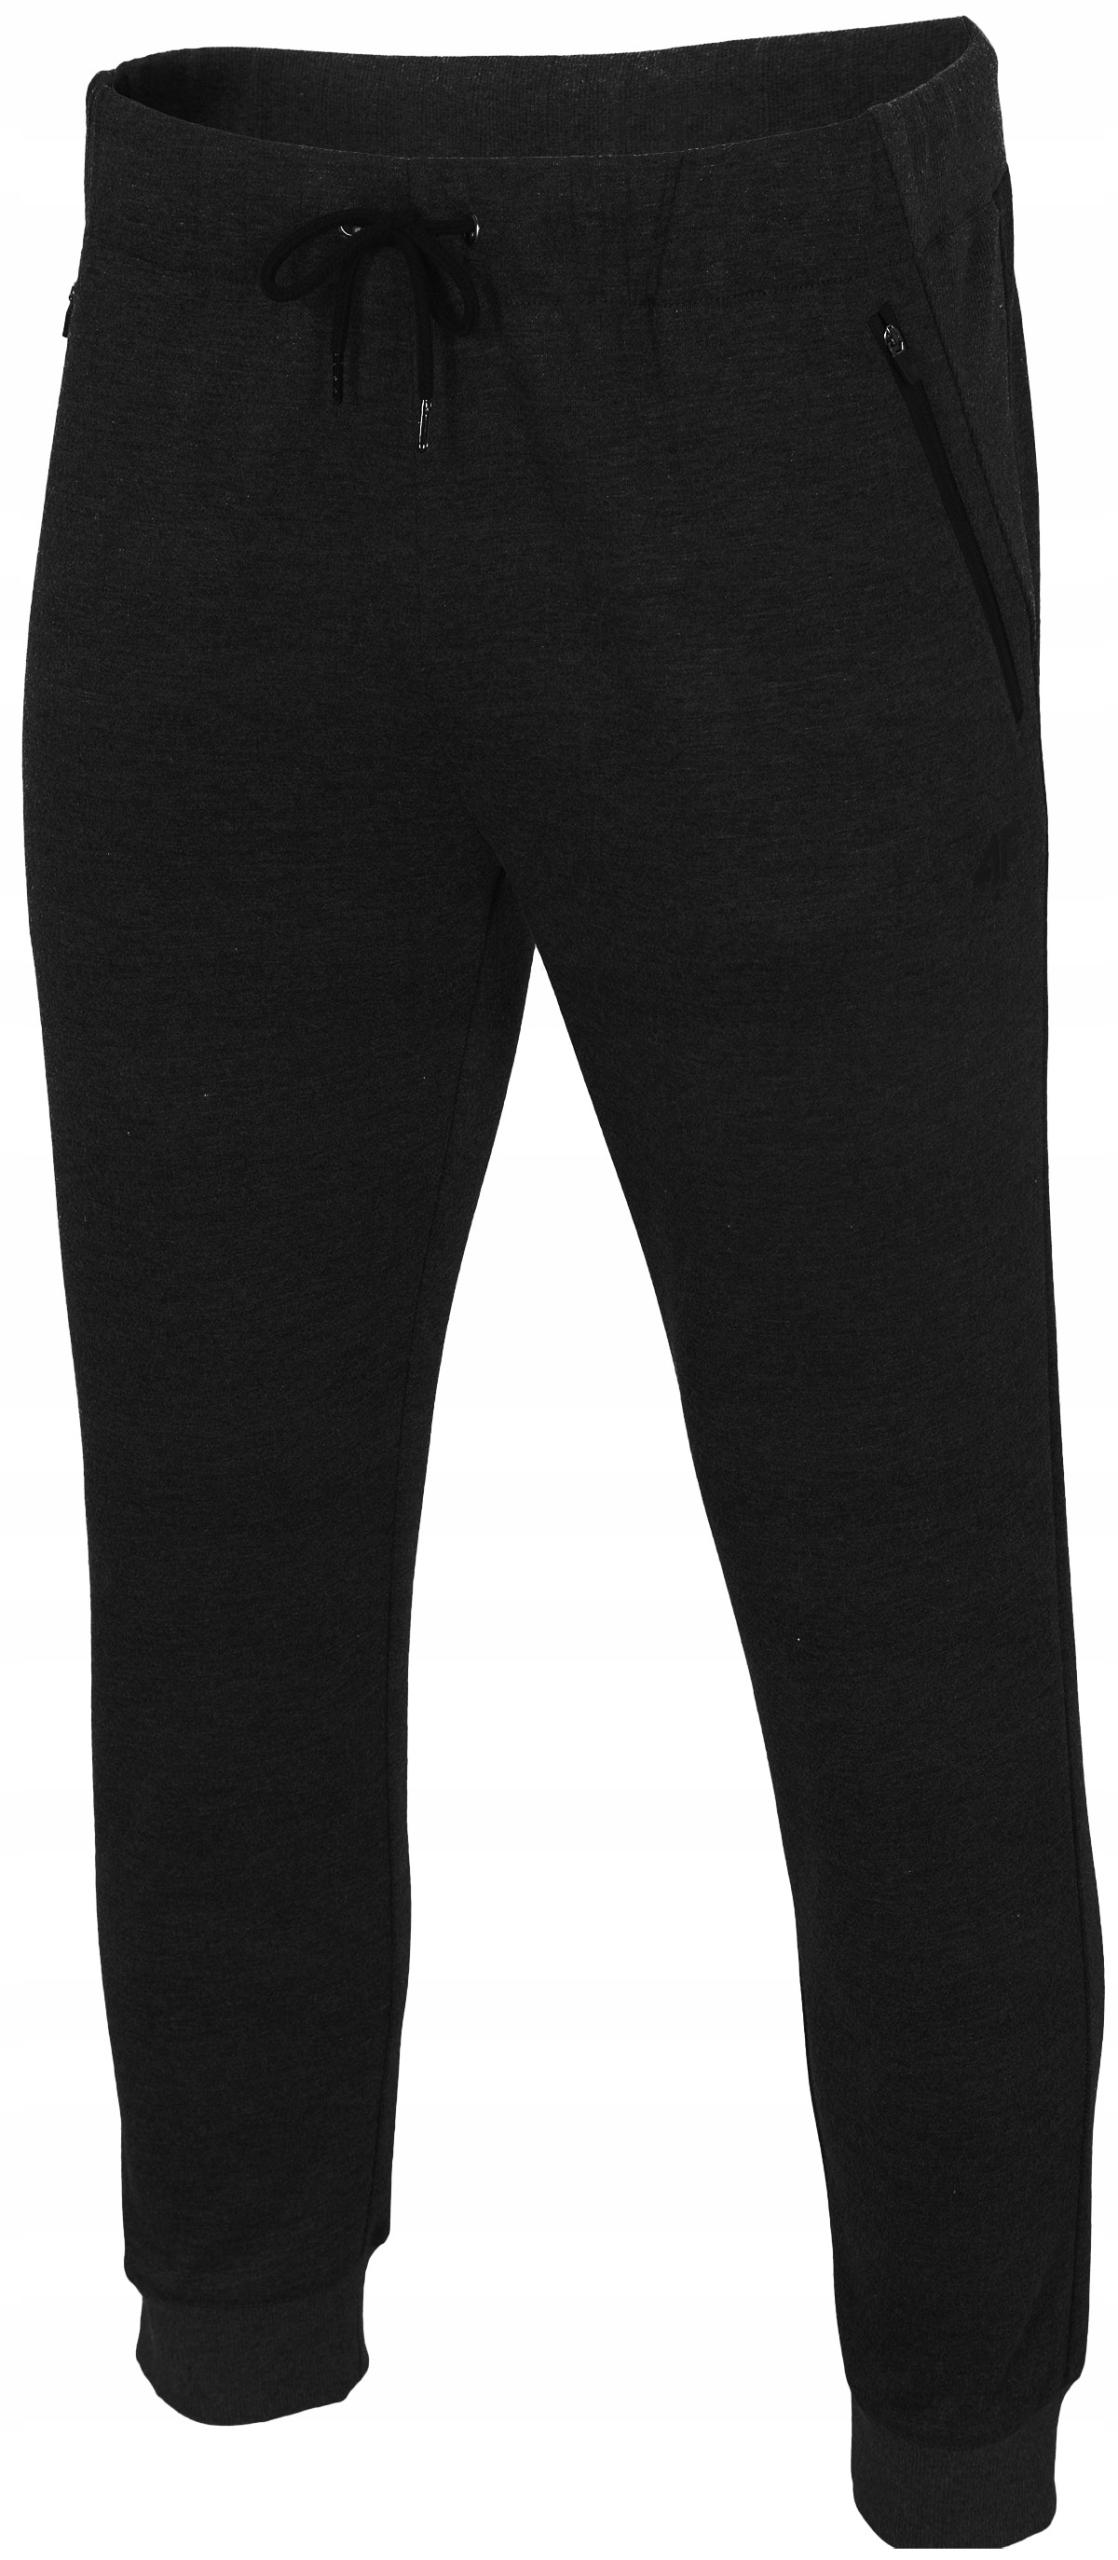 4F Spodnie dresowe SPMD004 r. S !!